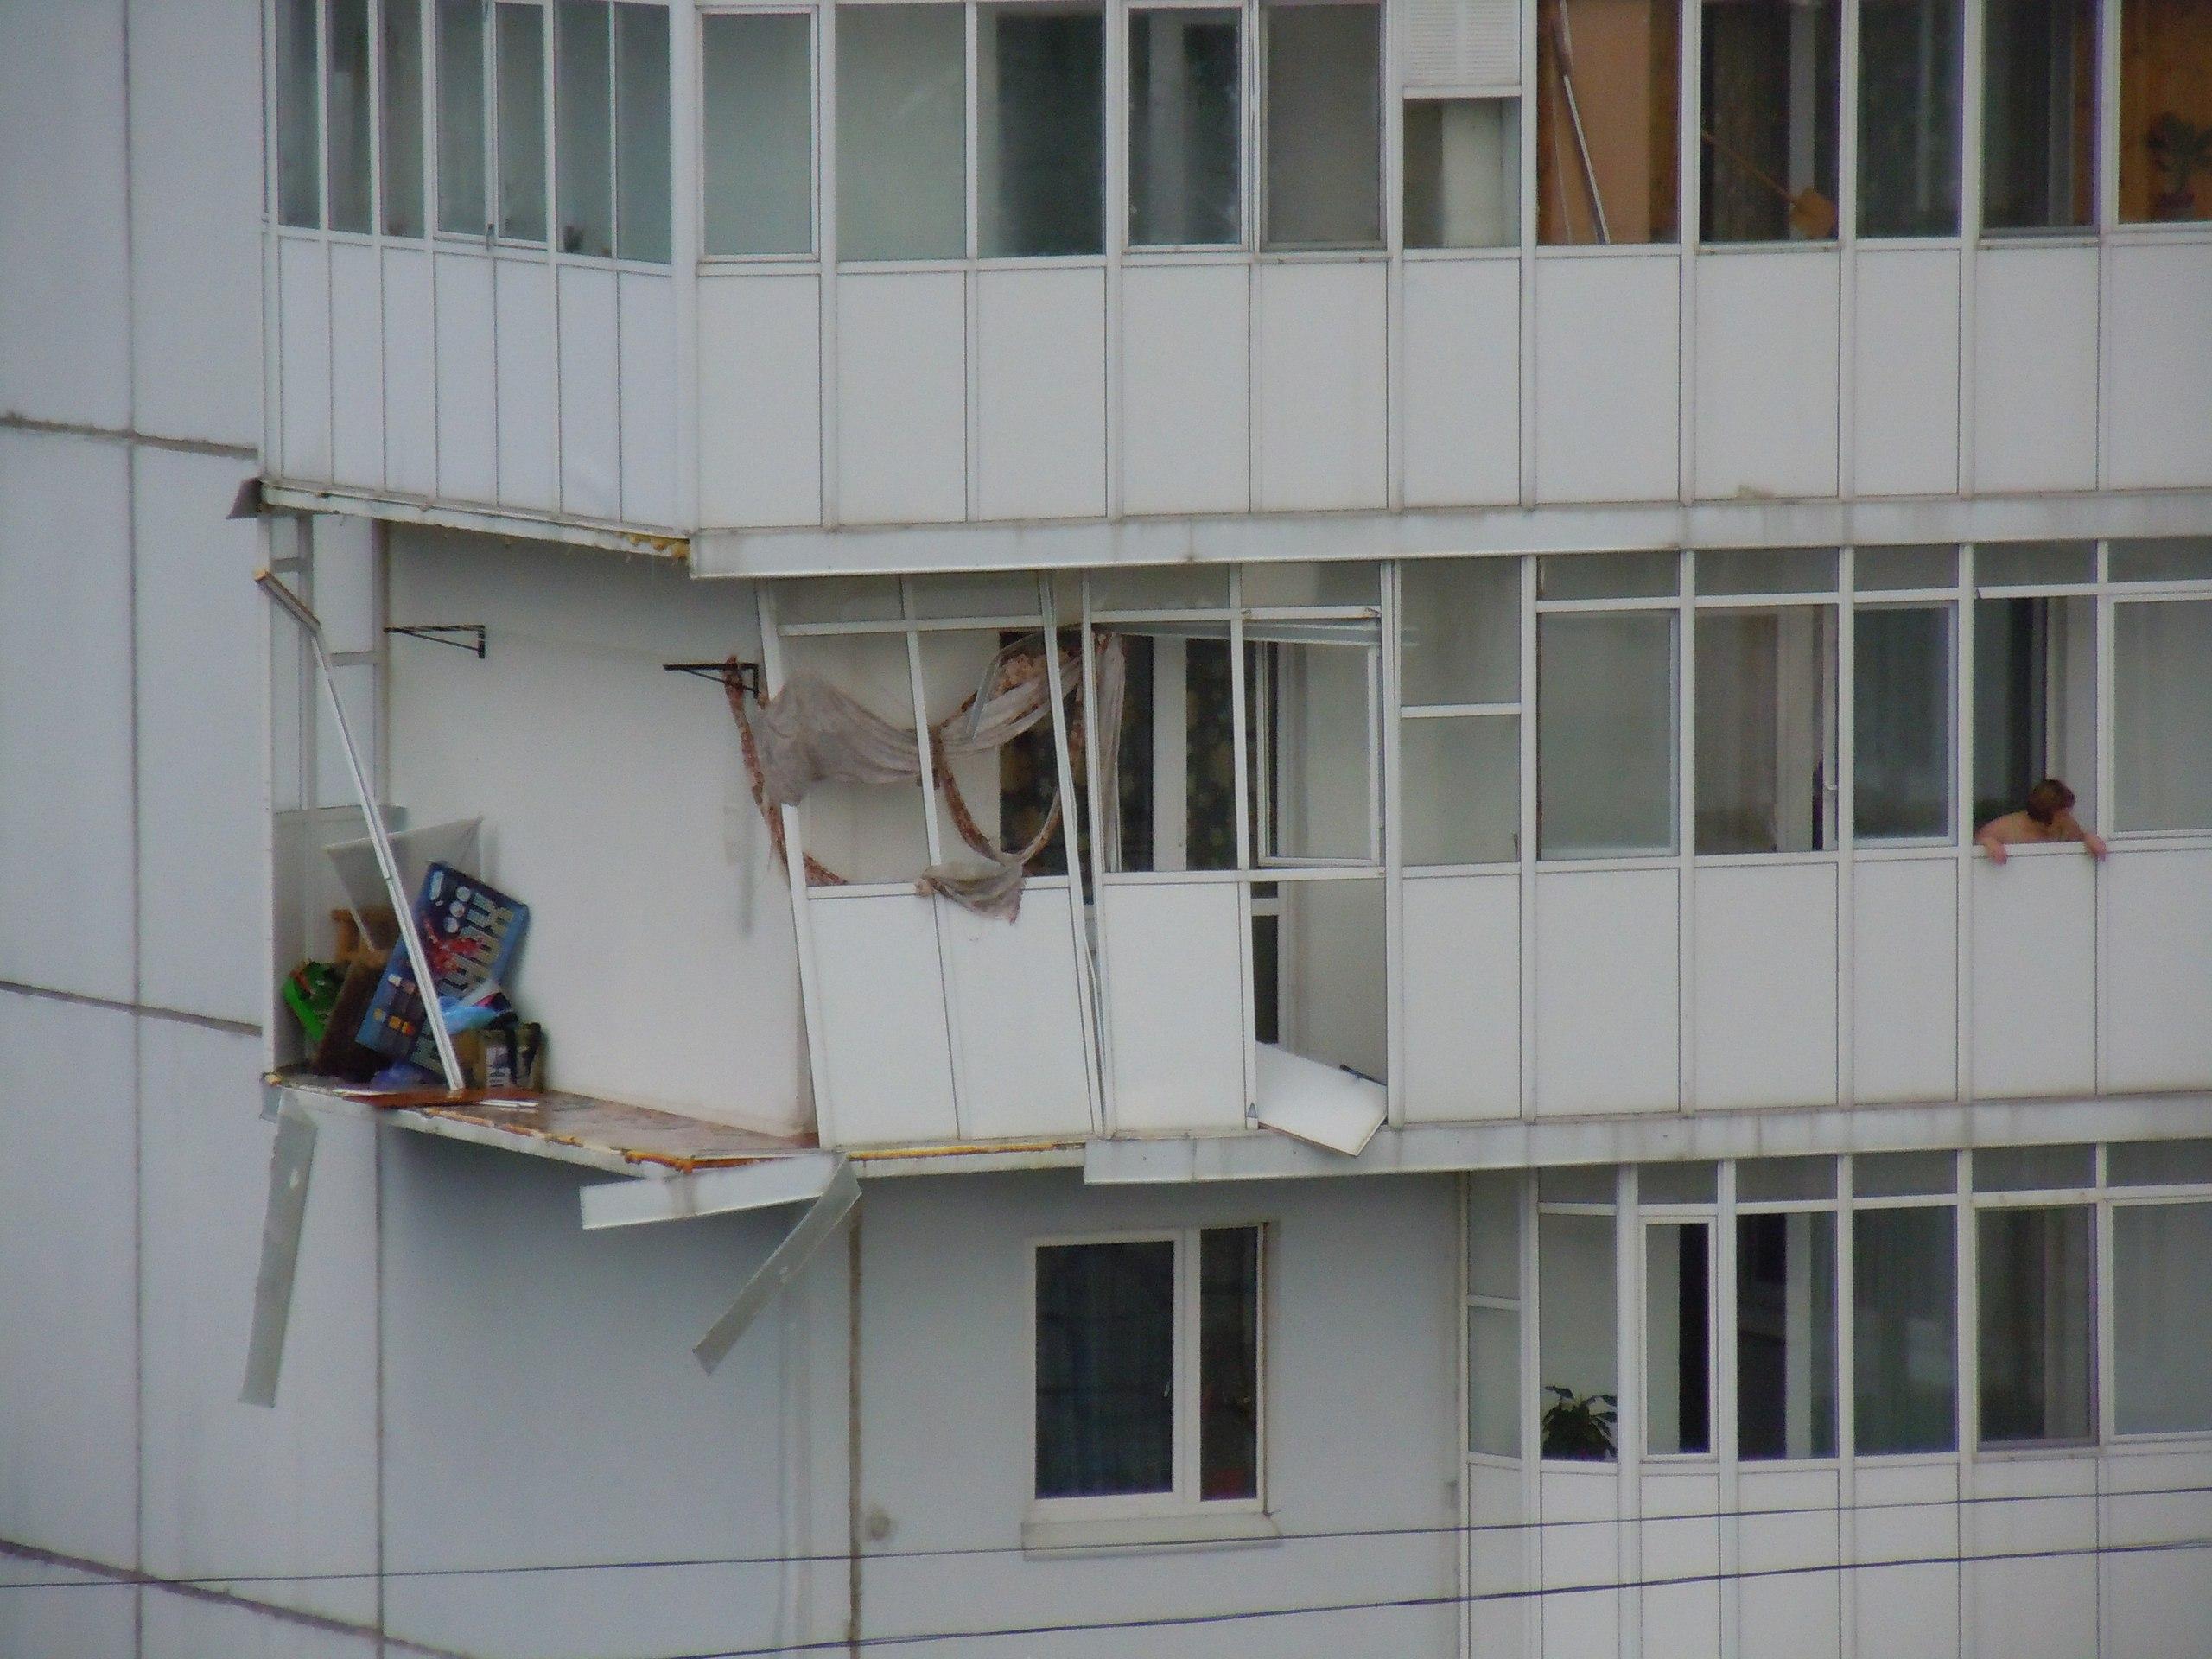 Дмитрий самойлов о рухнувших балконах: надо смотреть, правил.